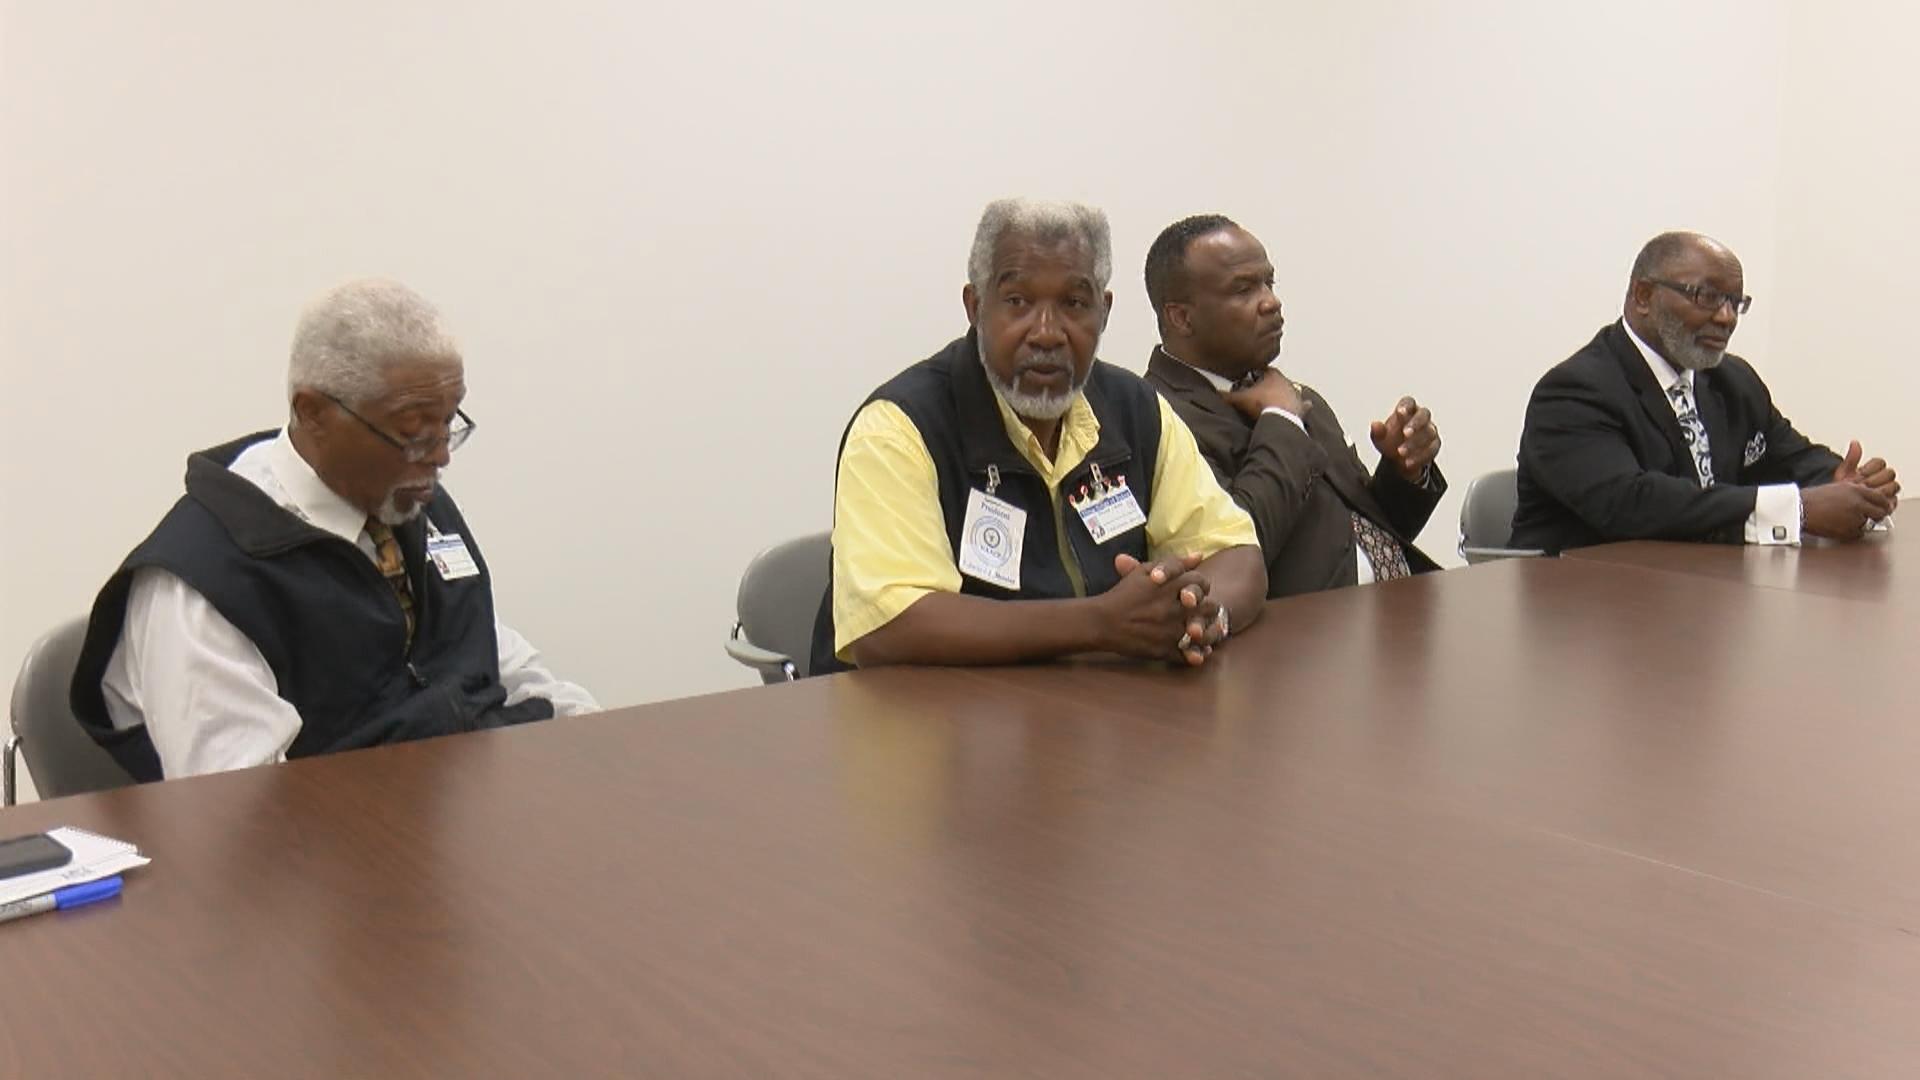 danville's black leaders_1528834927504.jpg.jpg